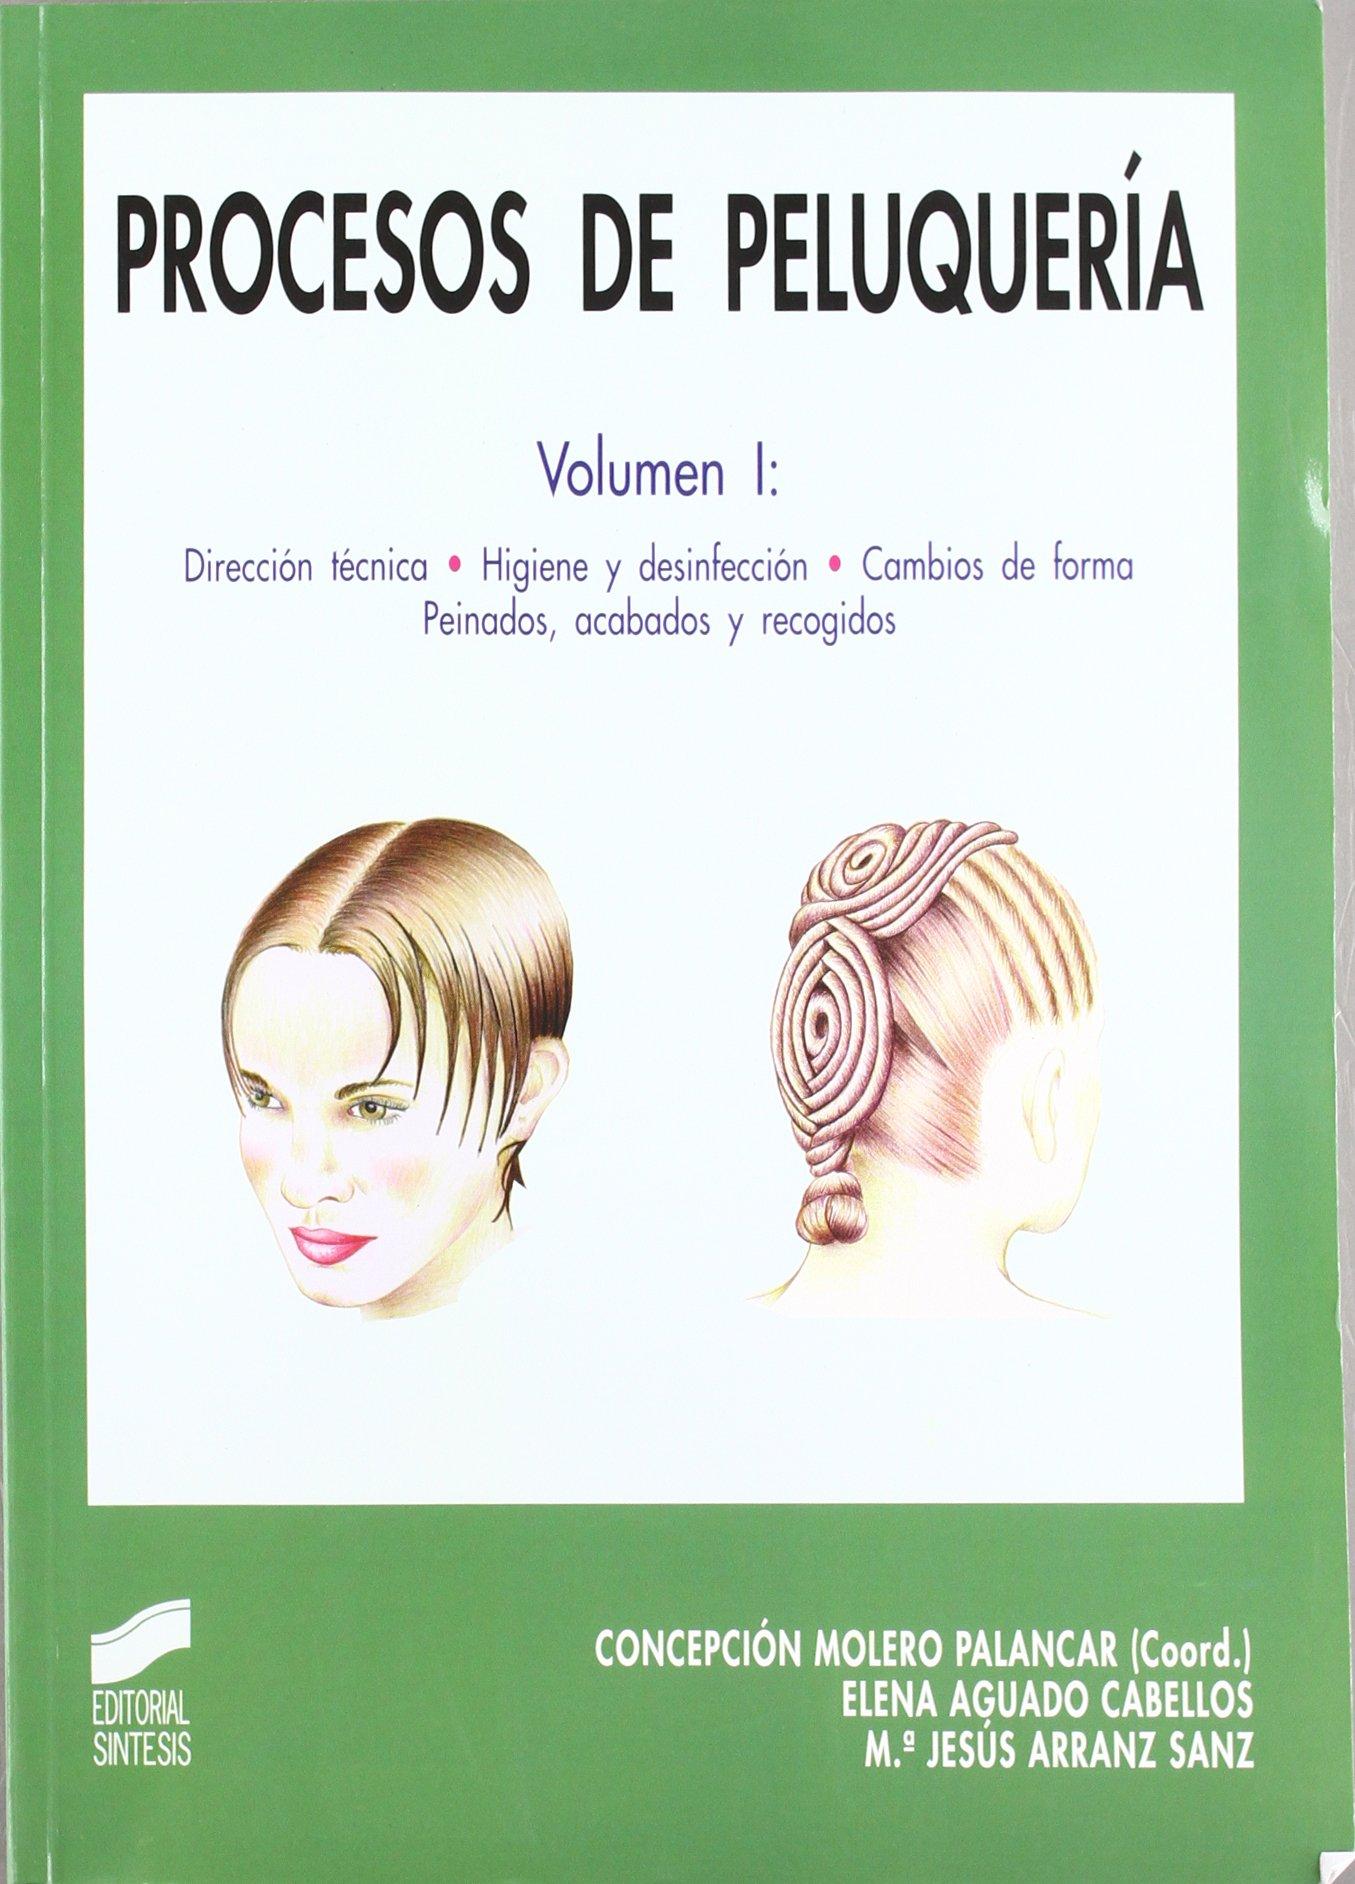 Procesos de Peluqueria - Volumen I (Spanish Edition)